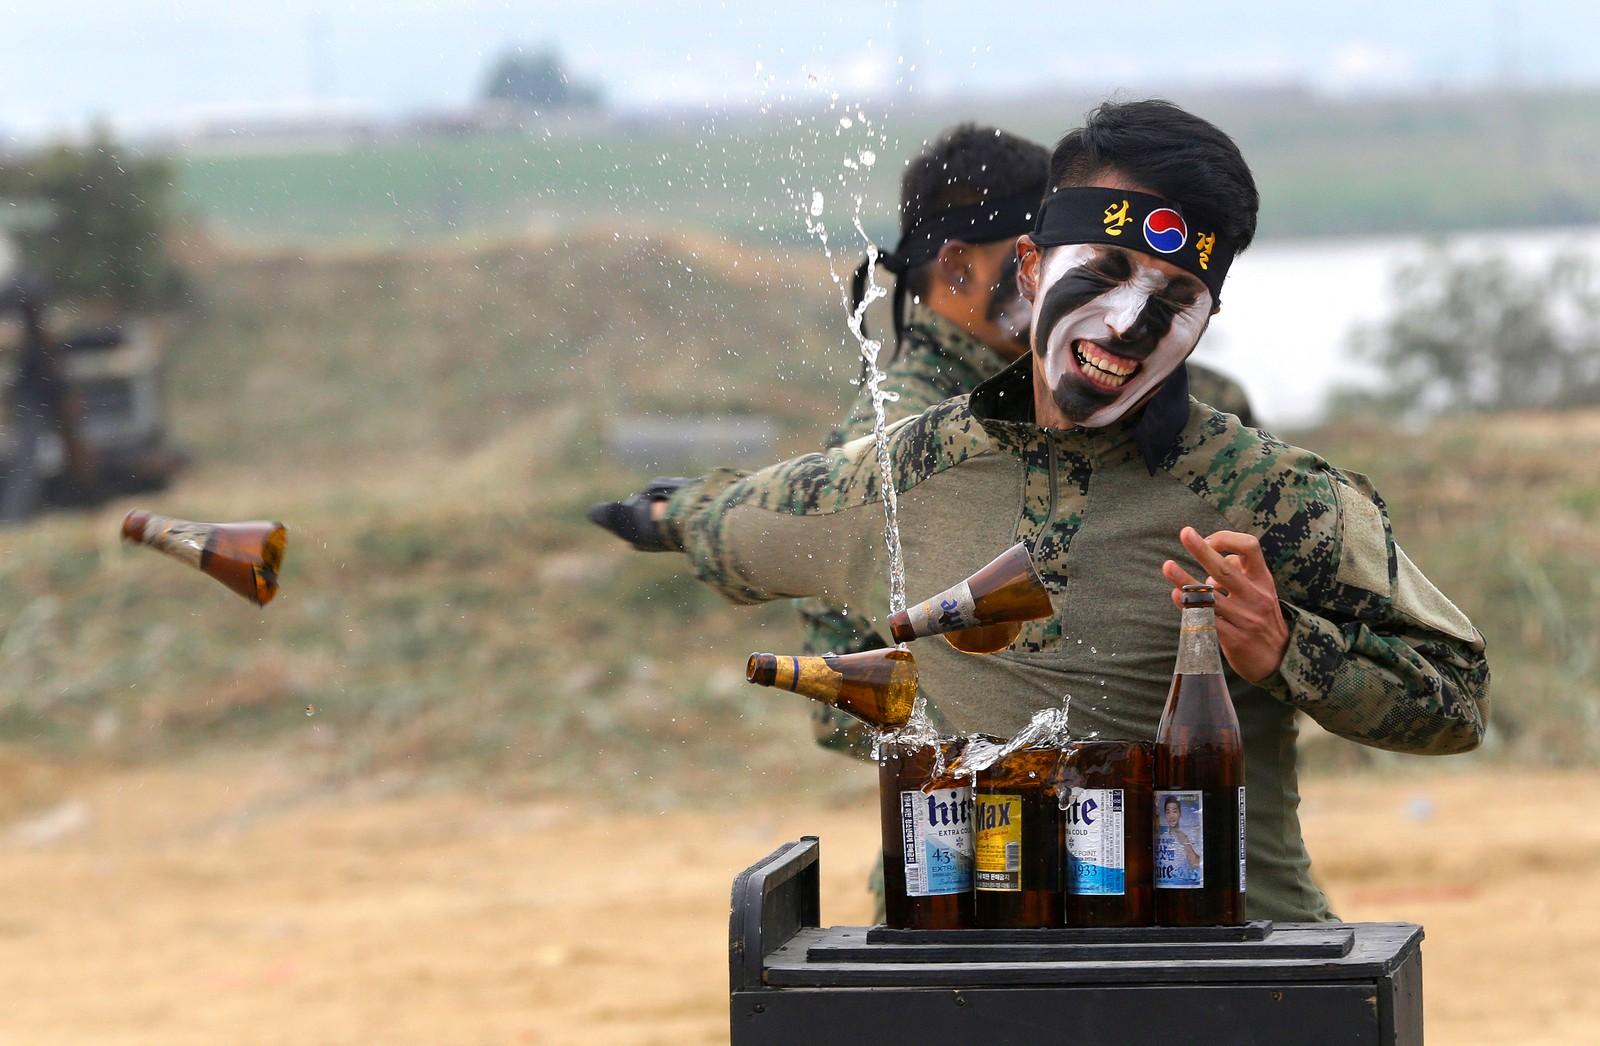 En Sørkoreansk soldat fra spesialstyrkene knuser flasker med hånden under gjenskapelsen av et slag fra Korea-krigen i forbindelse med at det er 66 år siden den startet.